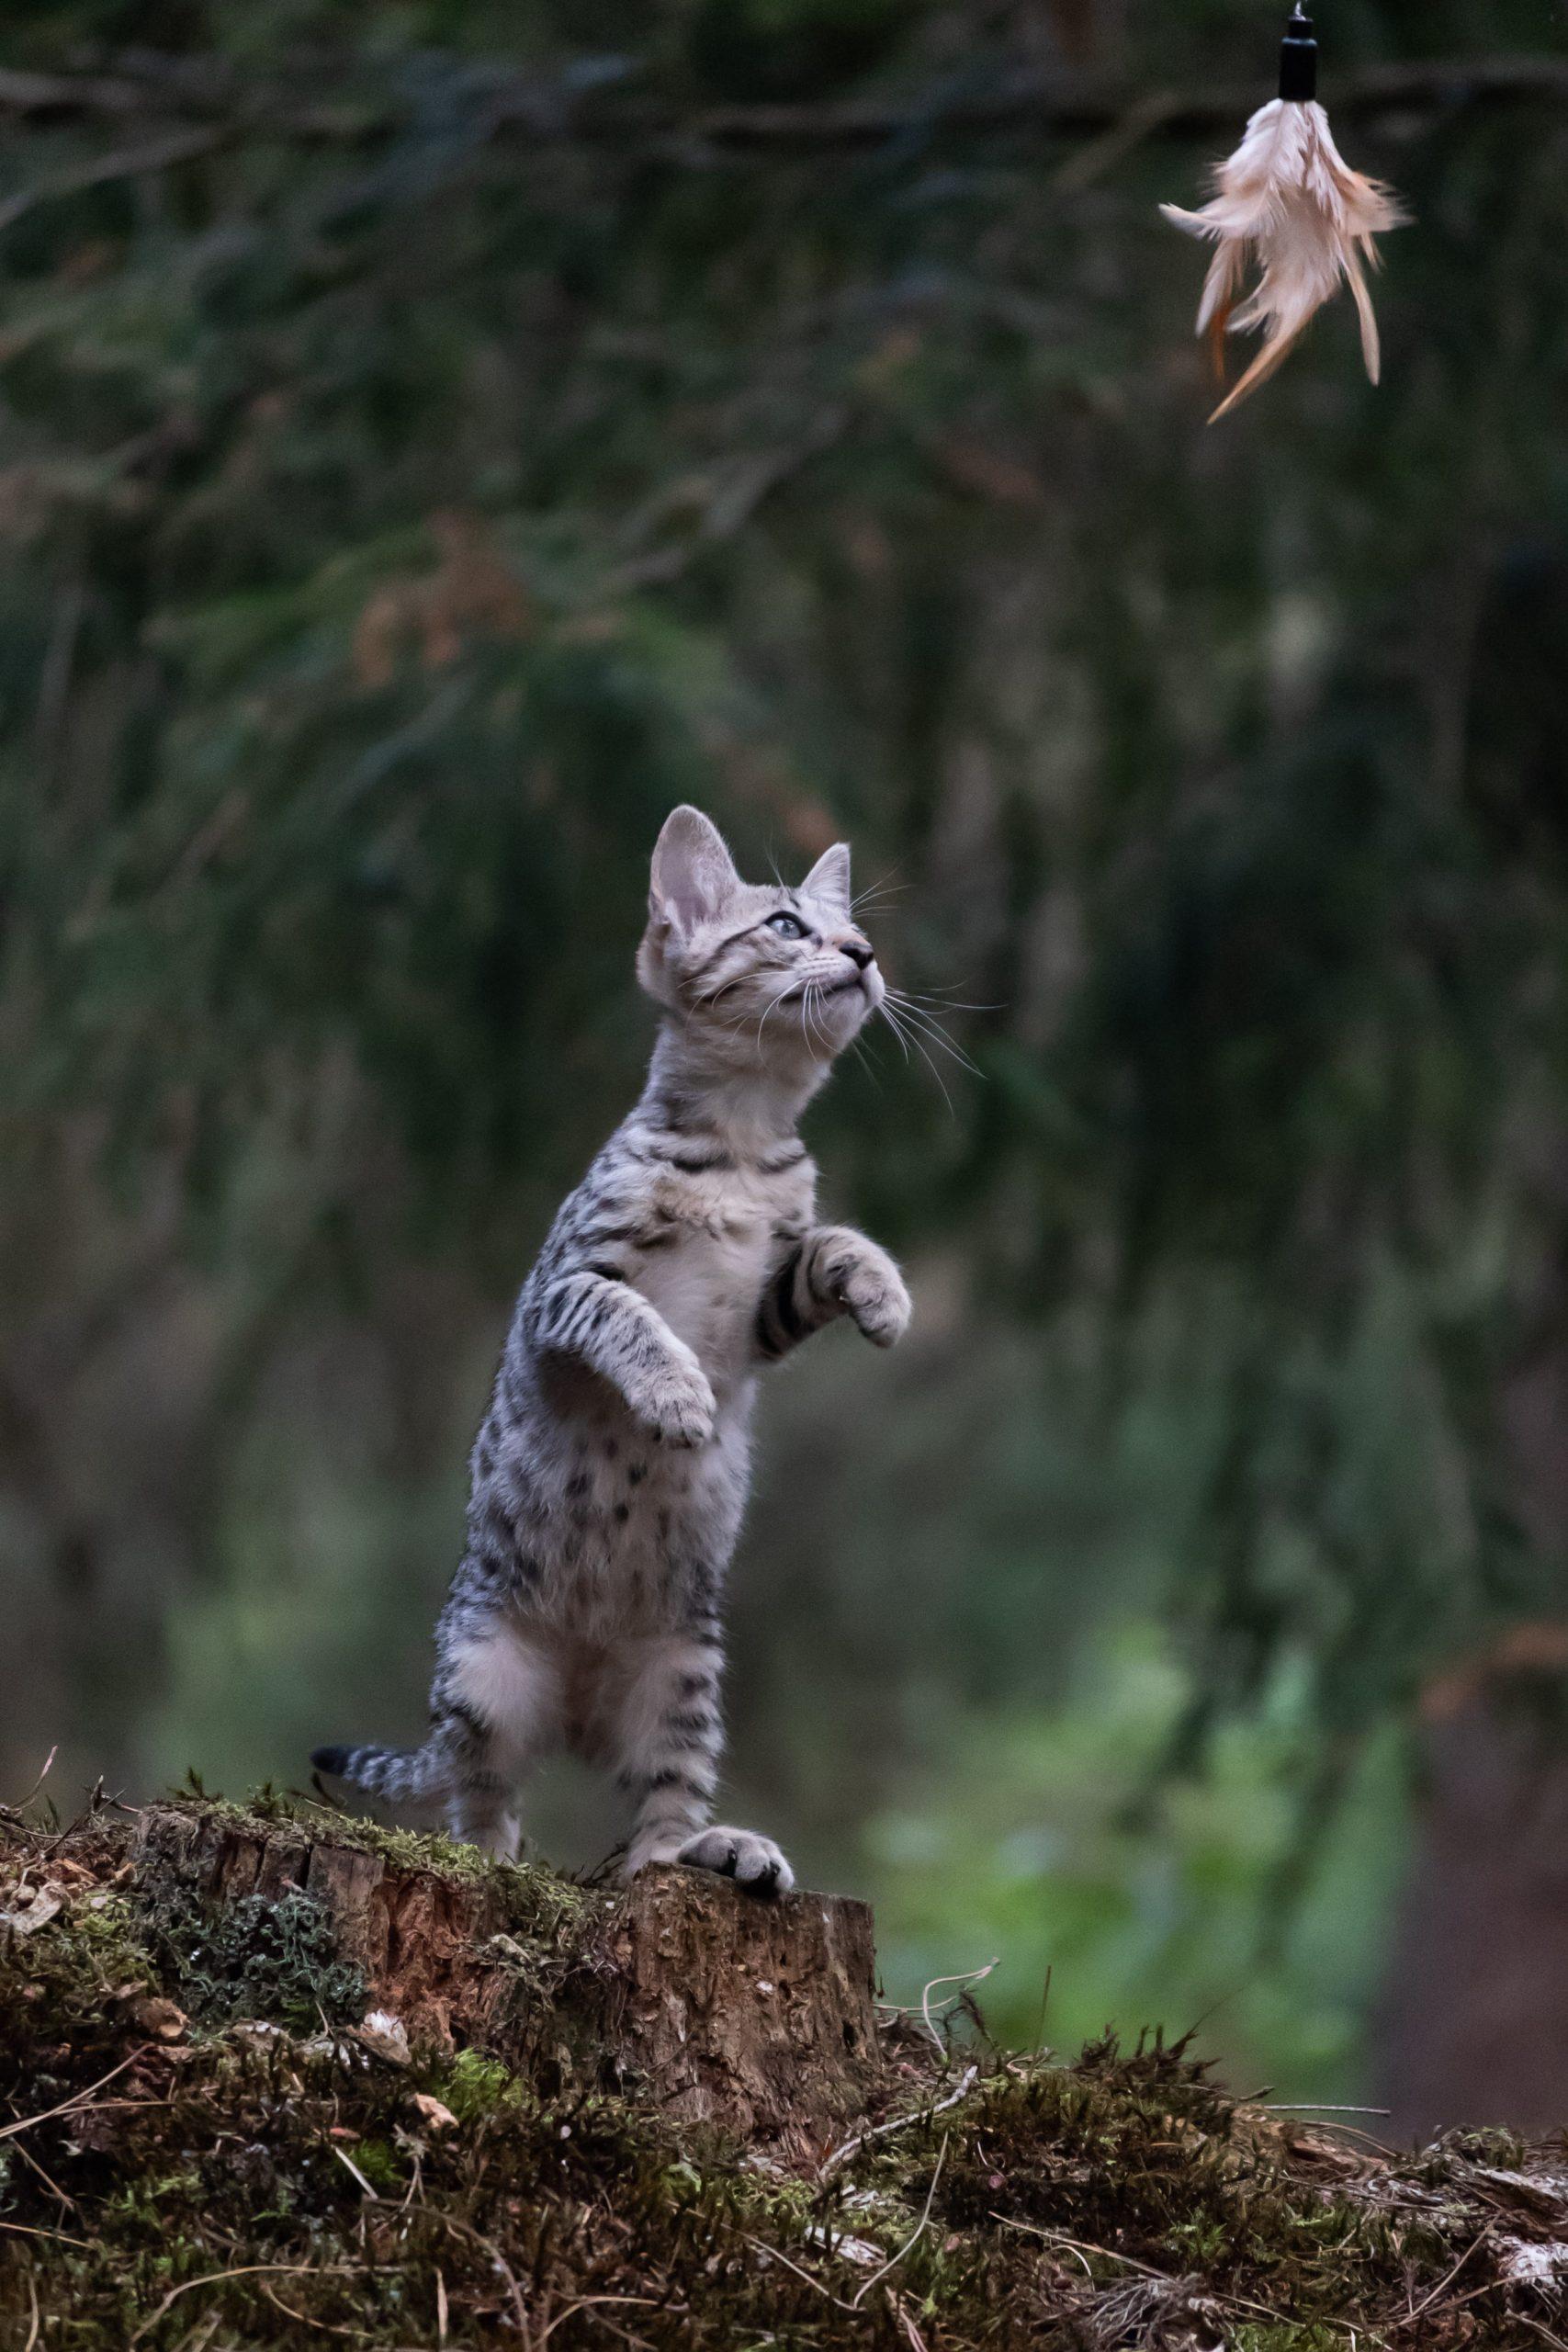 kat met 2 poten de lucht in